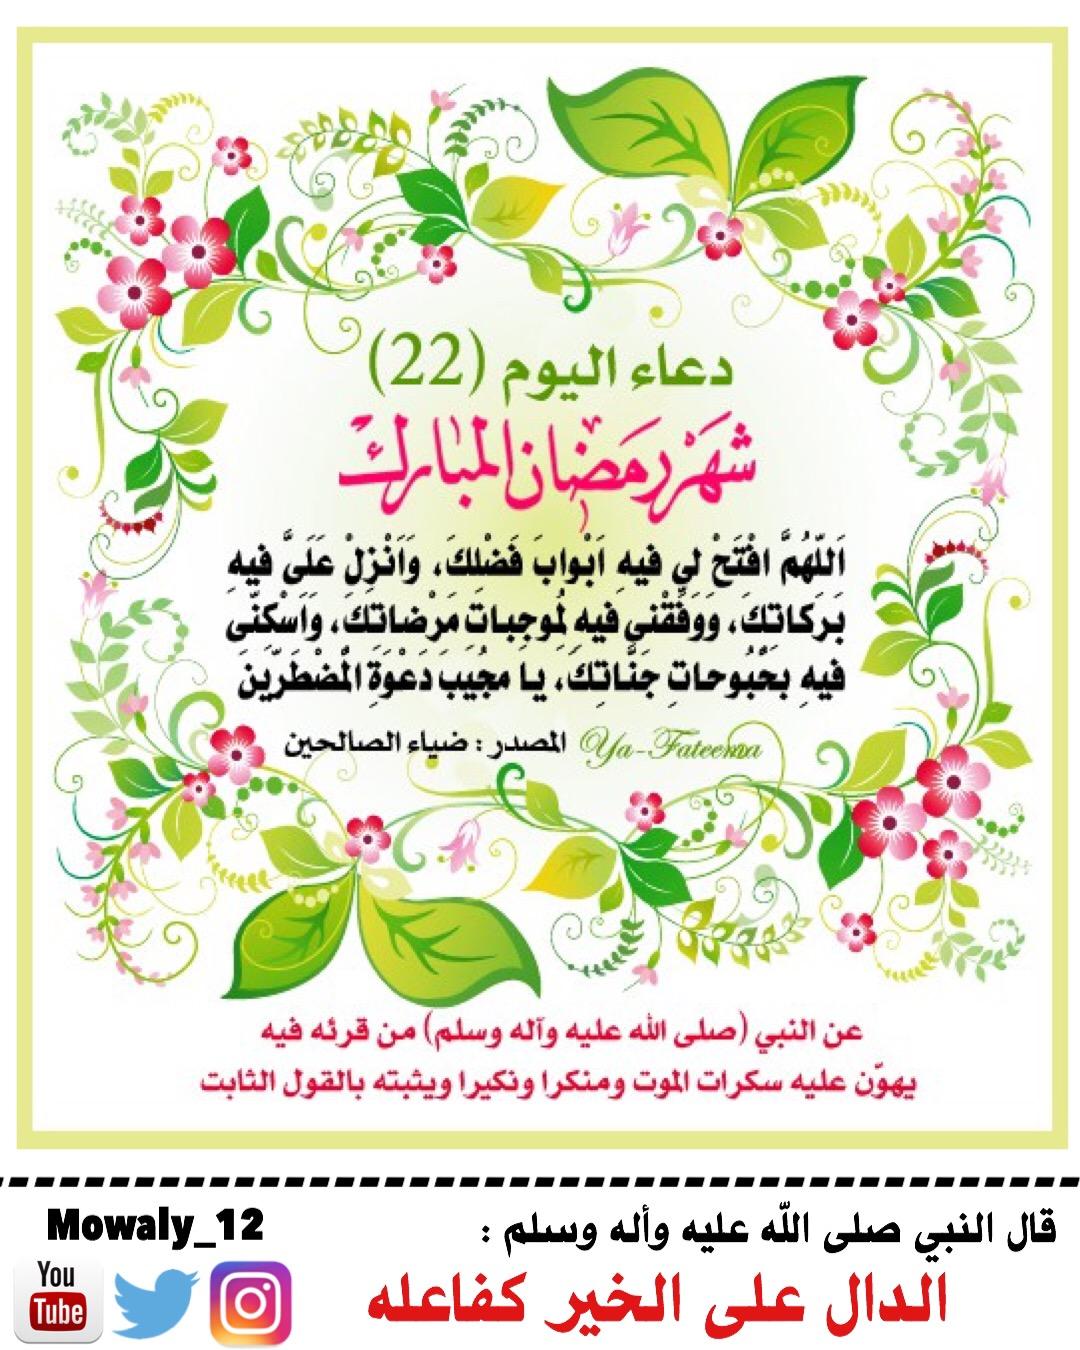 اعمال شهر رمضان مفاتيح الجنان pdf